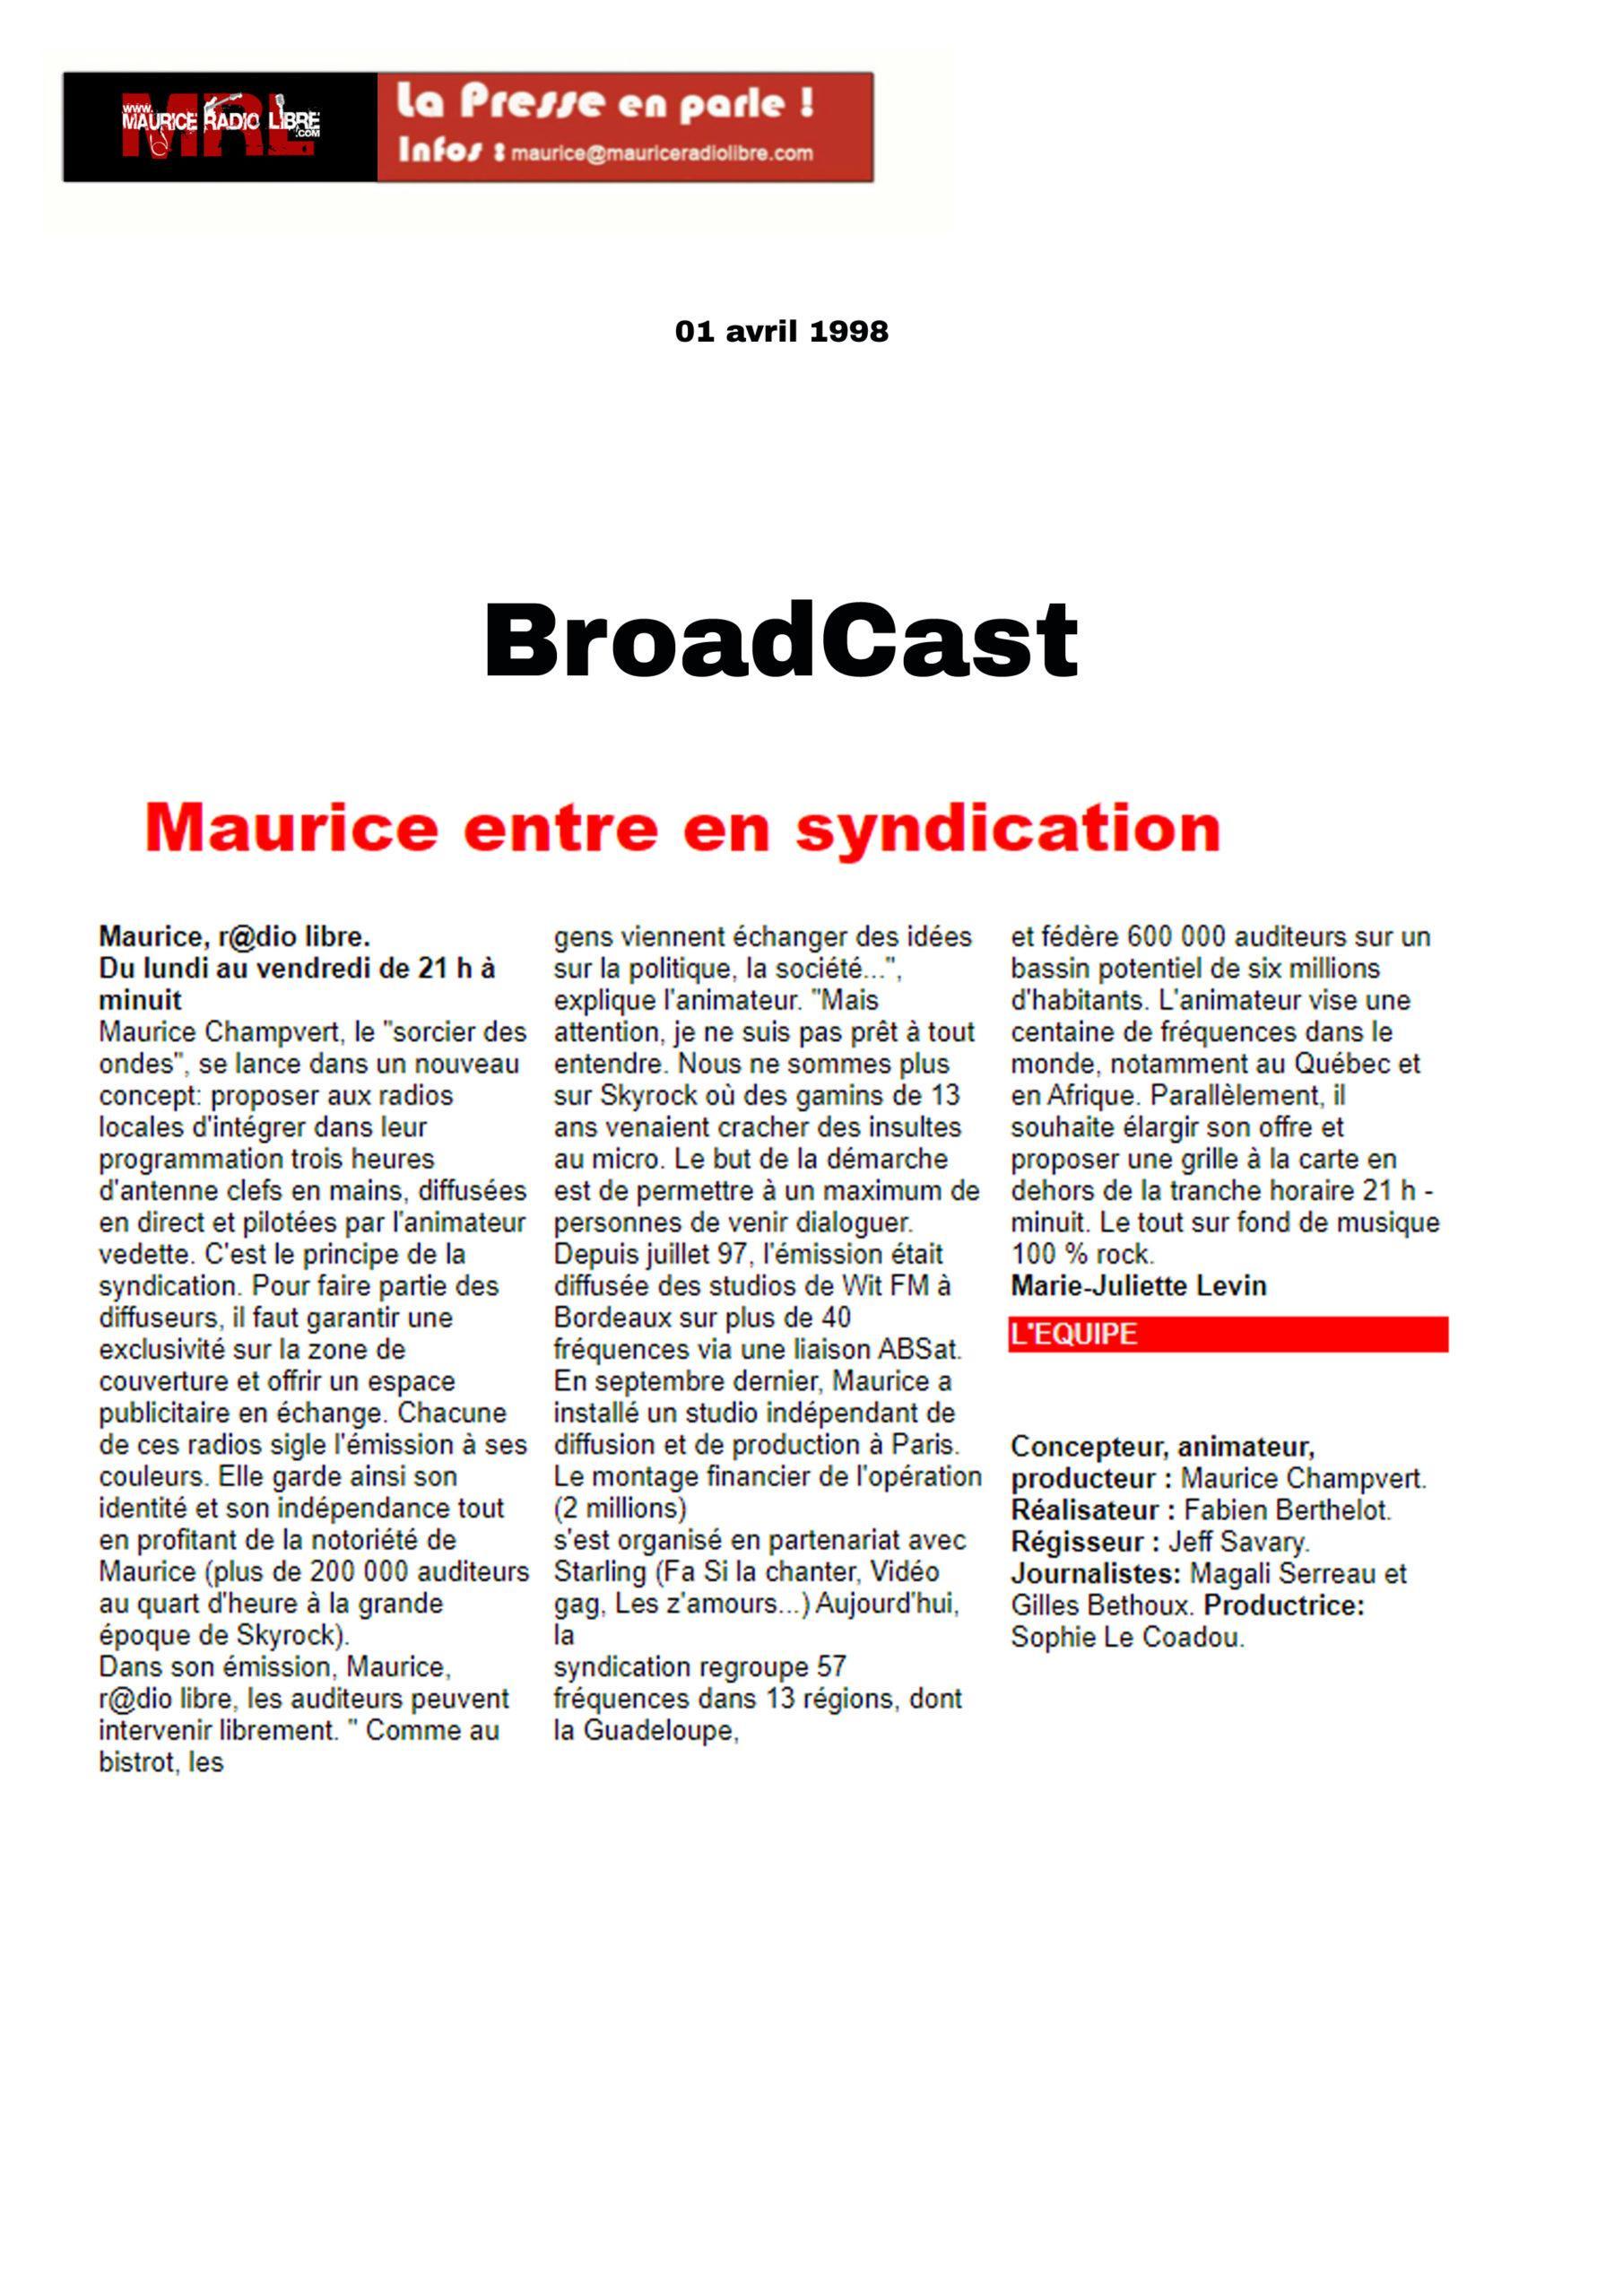 vignette Video Broadcast Maurice entre en syndication - 01/04/1998